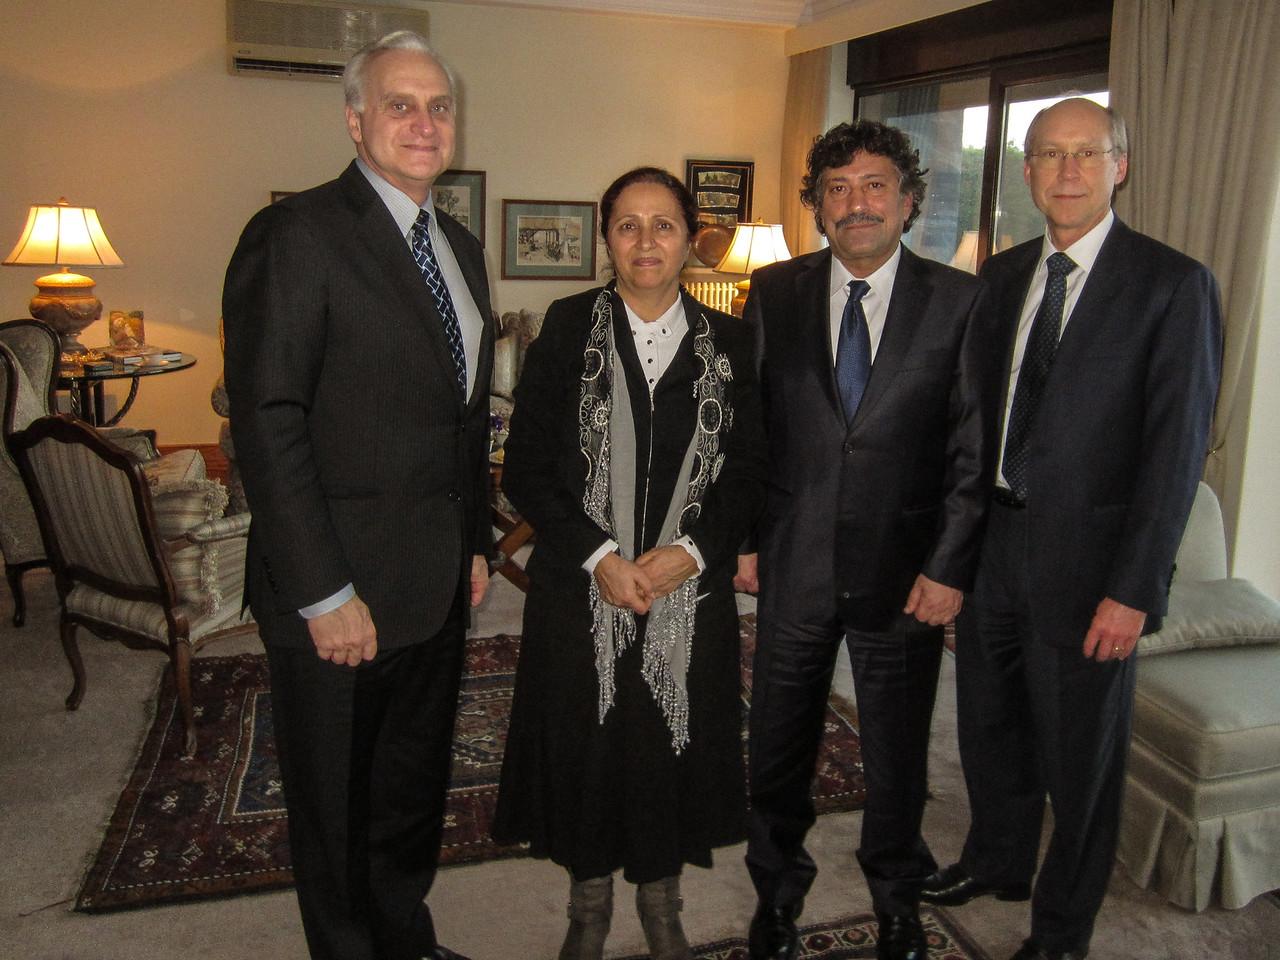 Rakel & Hosrof Dink with Amb. Ricciardone and Consul General Kilner